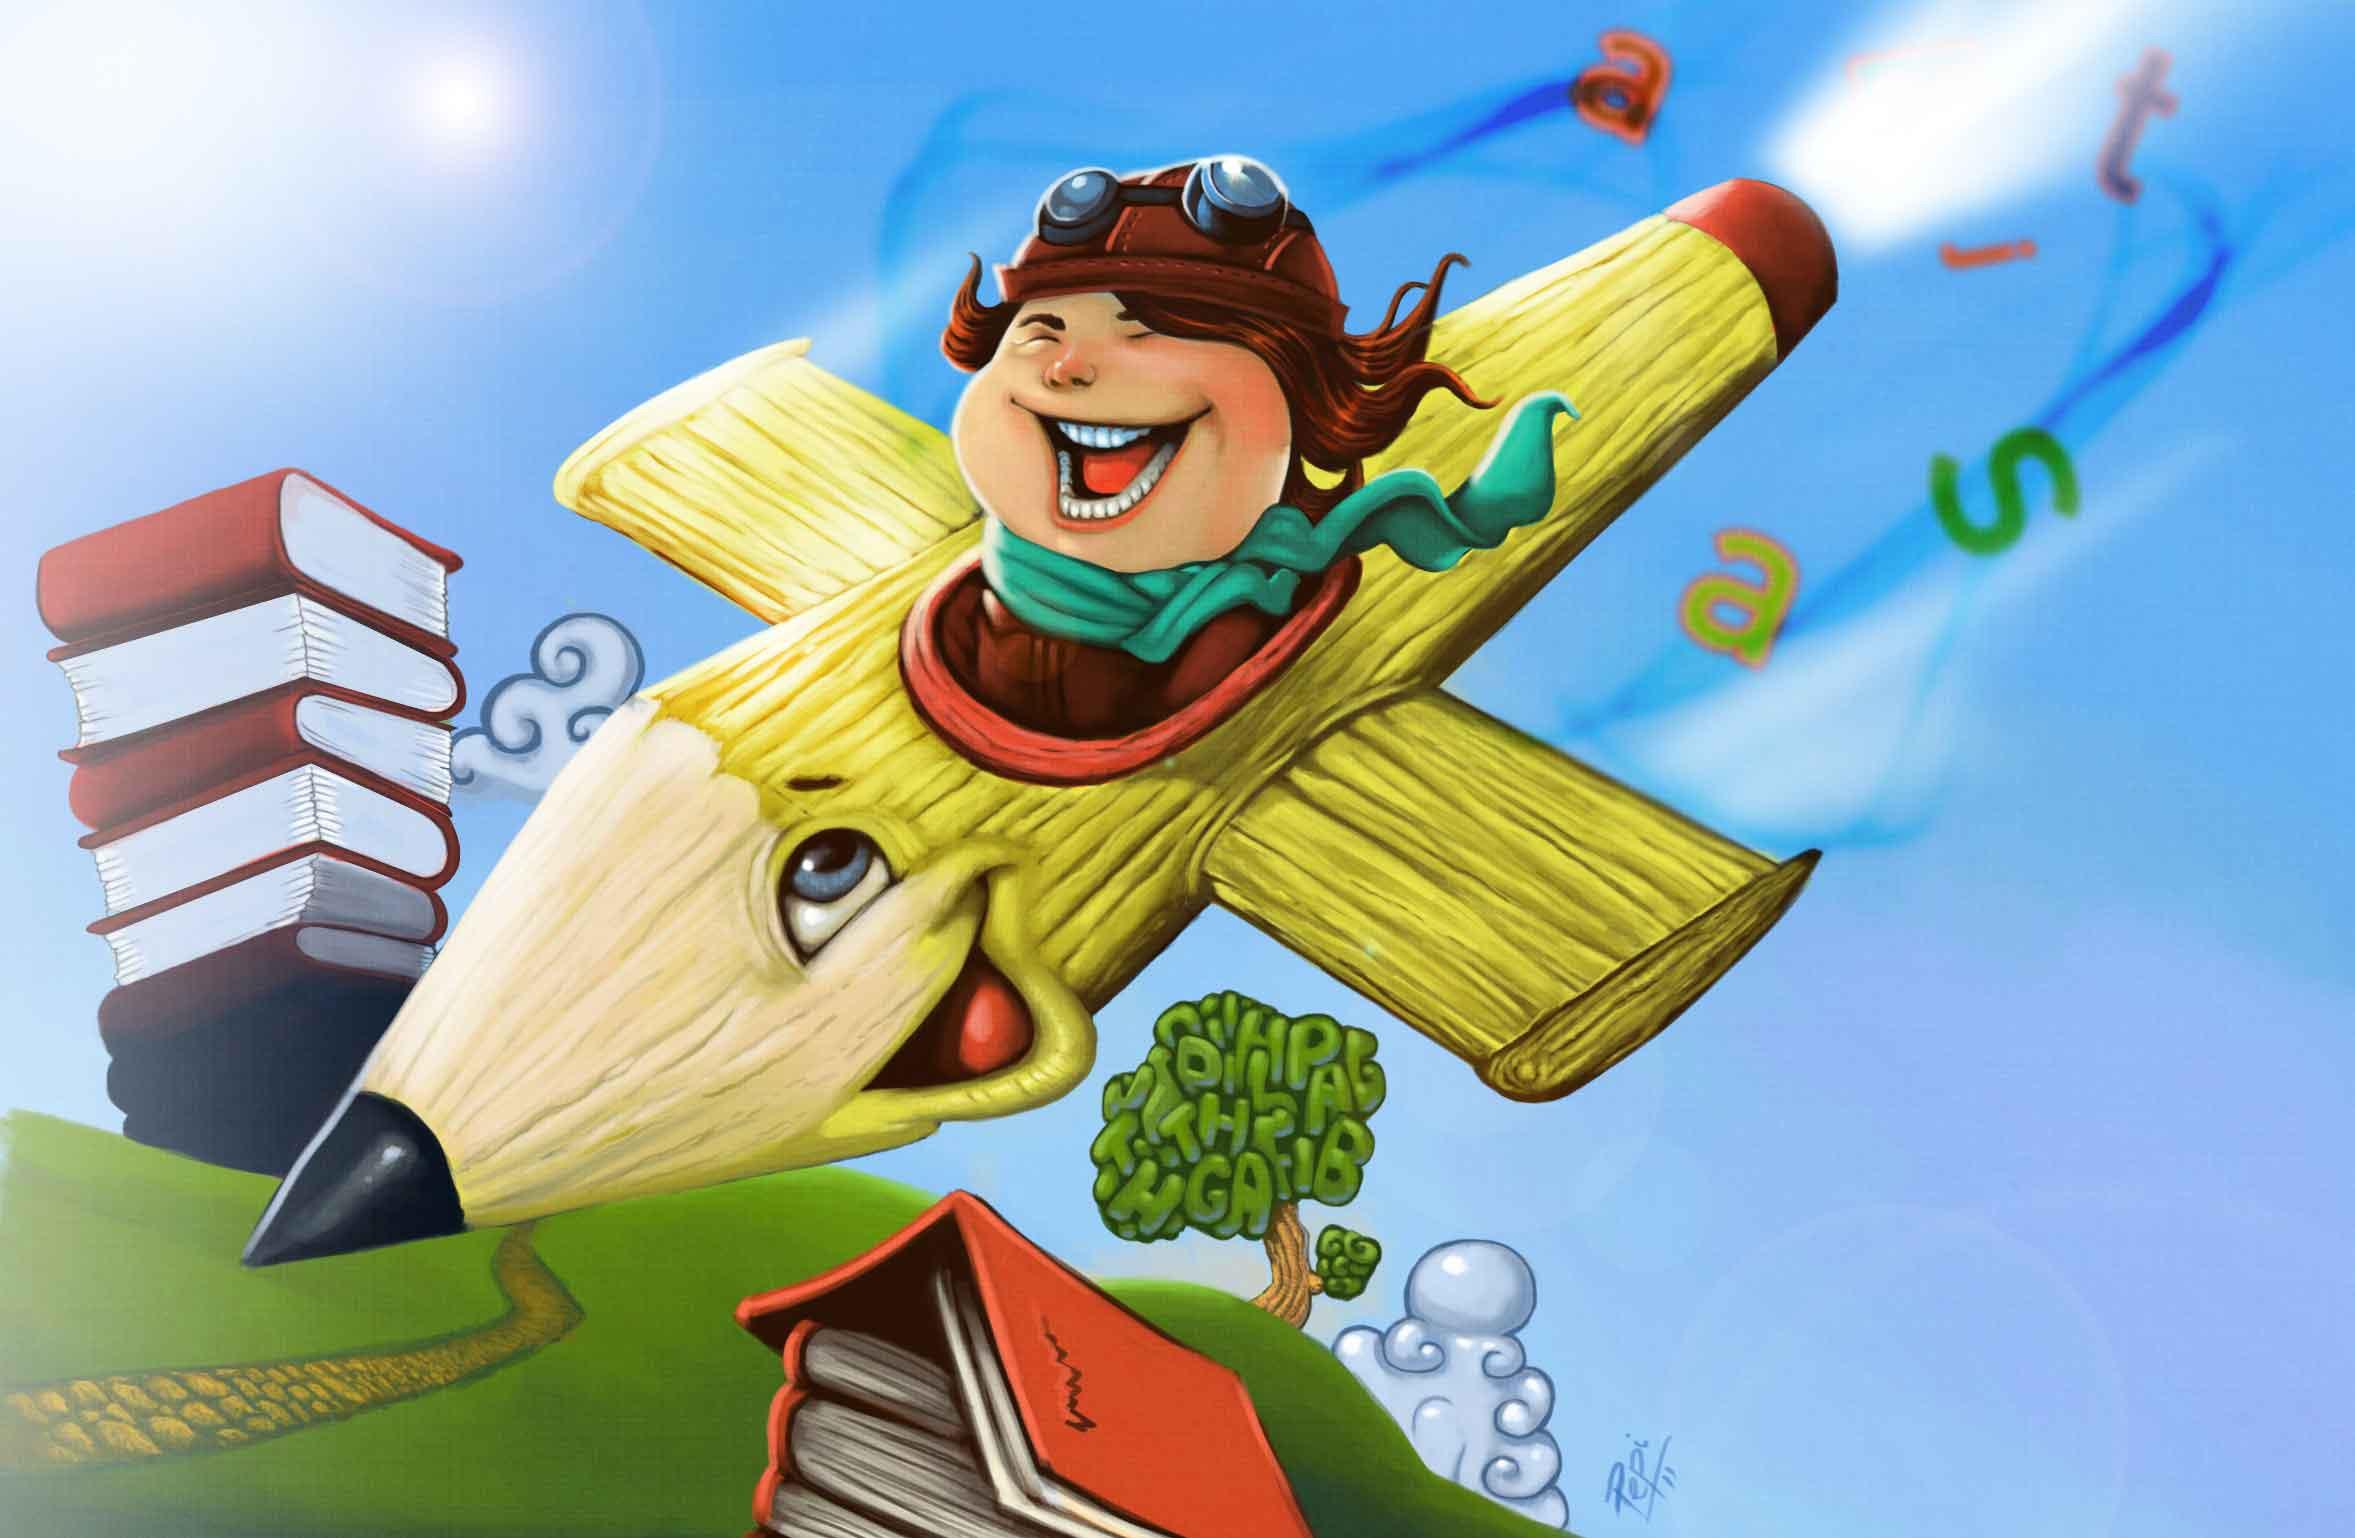 ILUSTRAÇÃO: criança voando num lápis em formato de avião em meio a cenários de aprendizagem e imaginação